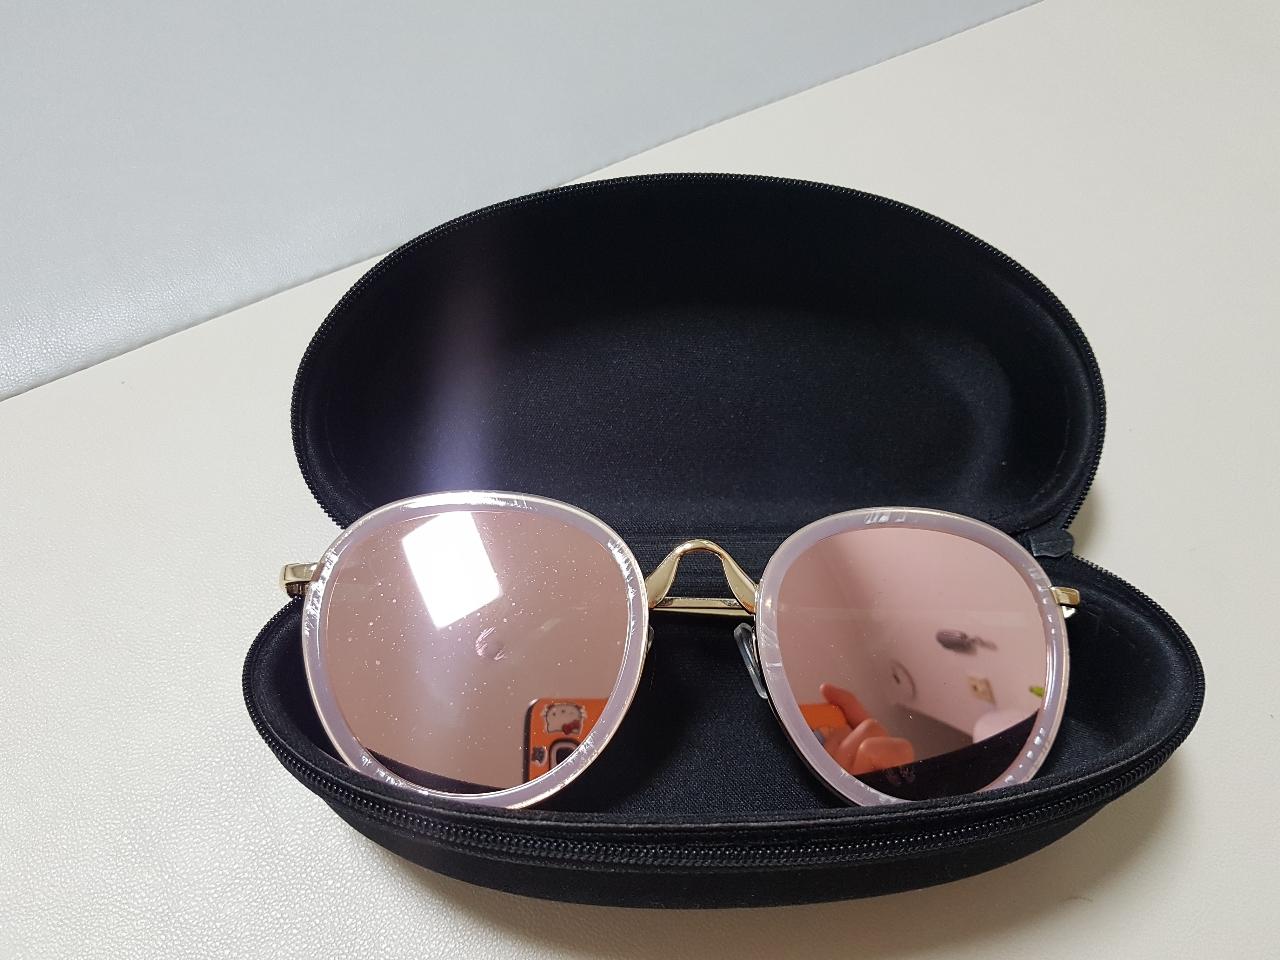 여자 미러썬글라스(1.2번착용)